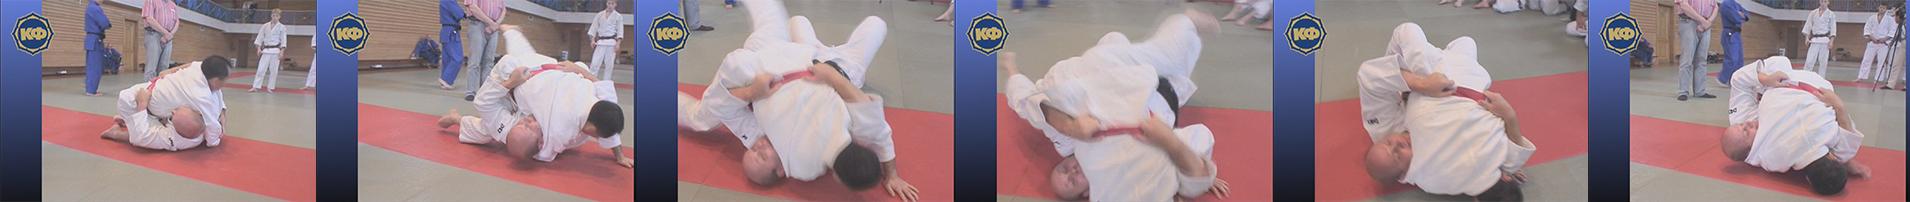 Yoko-shiho-gatame (удержание поперёк). Дзюдо плакат 3. Жёлтый пояс 5 КЮ.